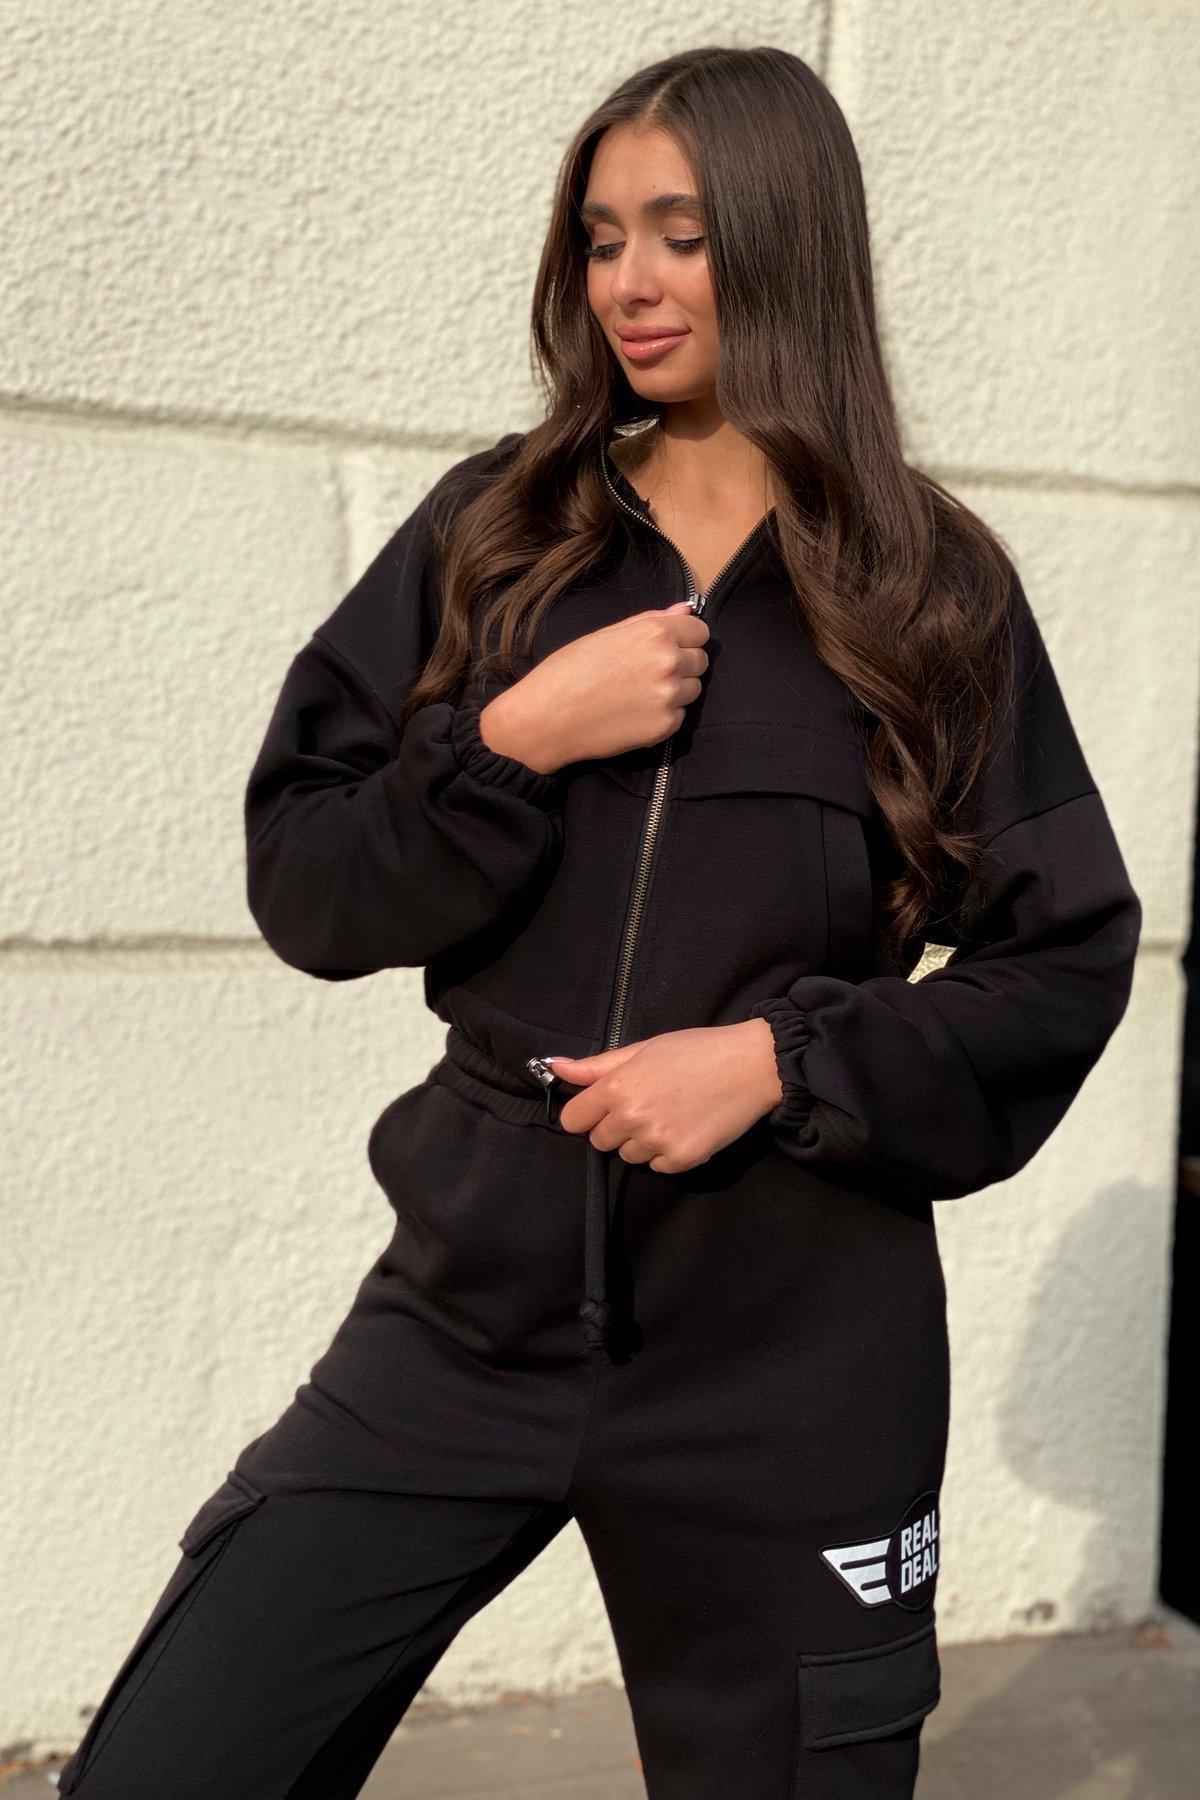 Кьюи  прогулочный костю 3х нитка 9833 АРТ. 46110 Цвет: Черный - фото 2, интернет магазин tm-modus.ru